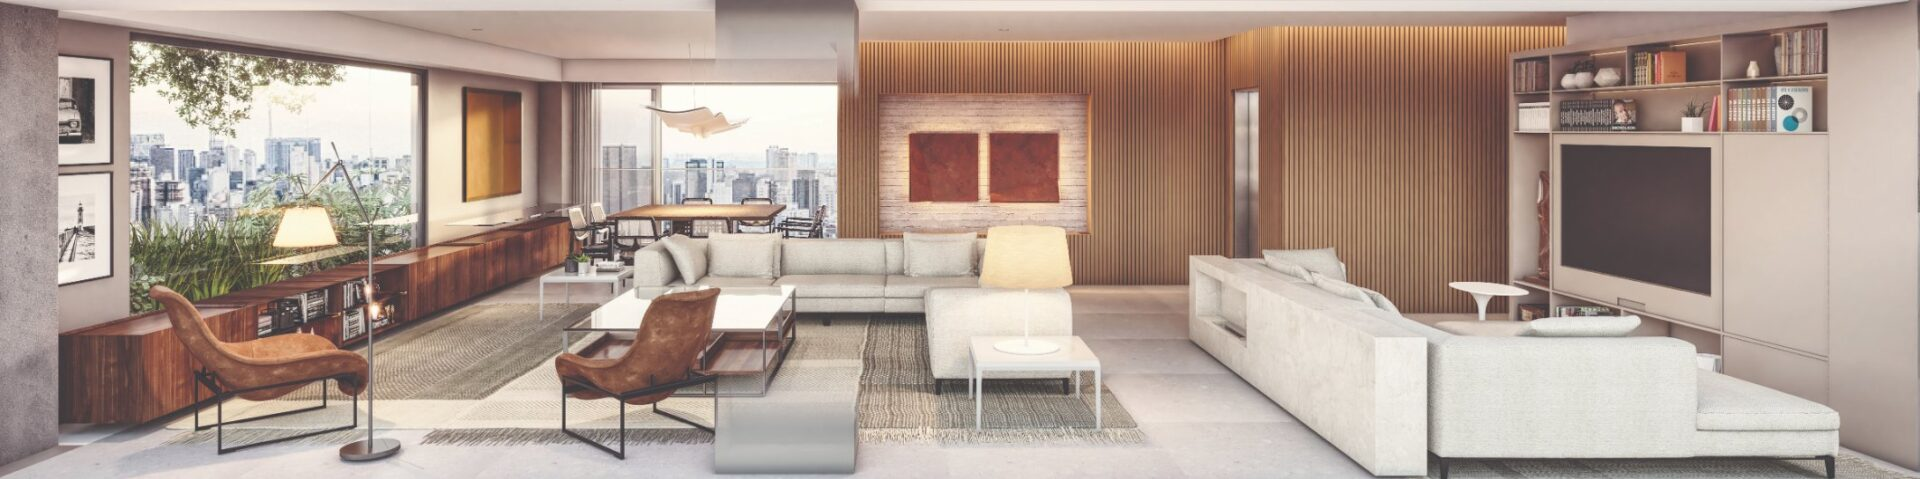 Representação Artística do Terraço e Living Integrados - Planta Opção 2